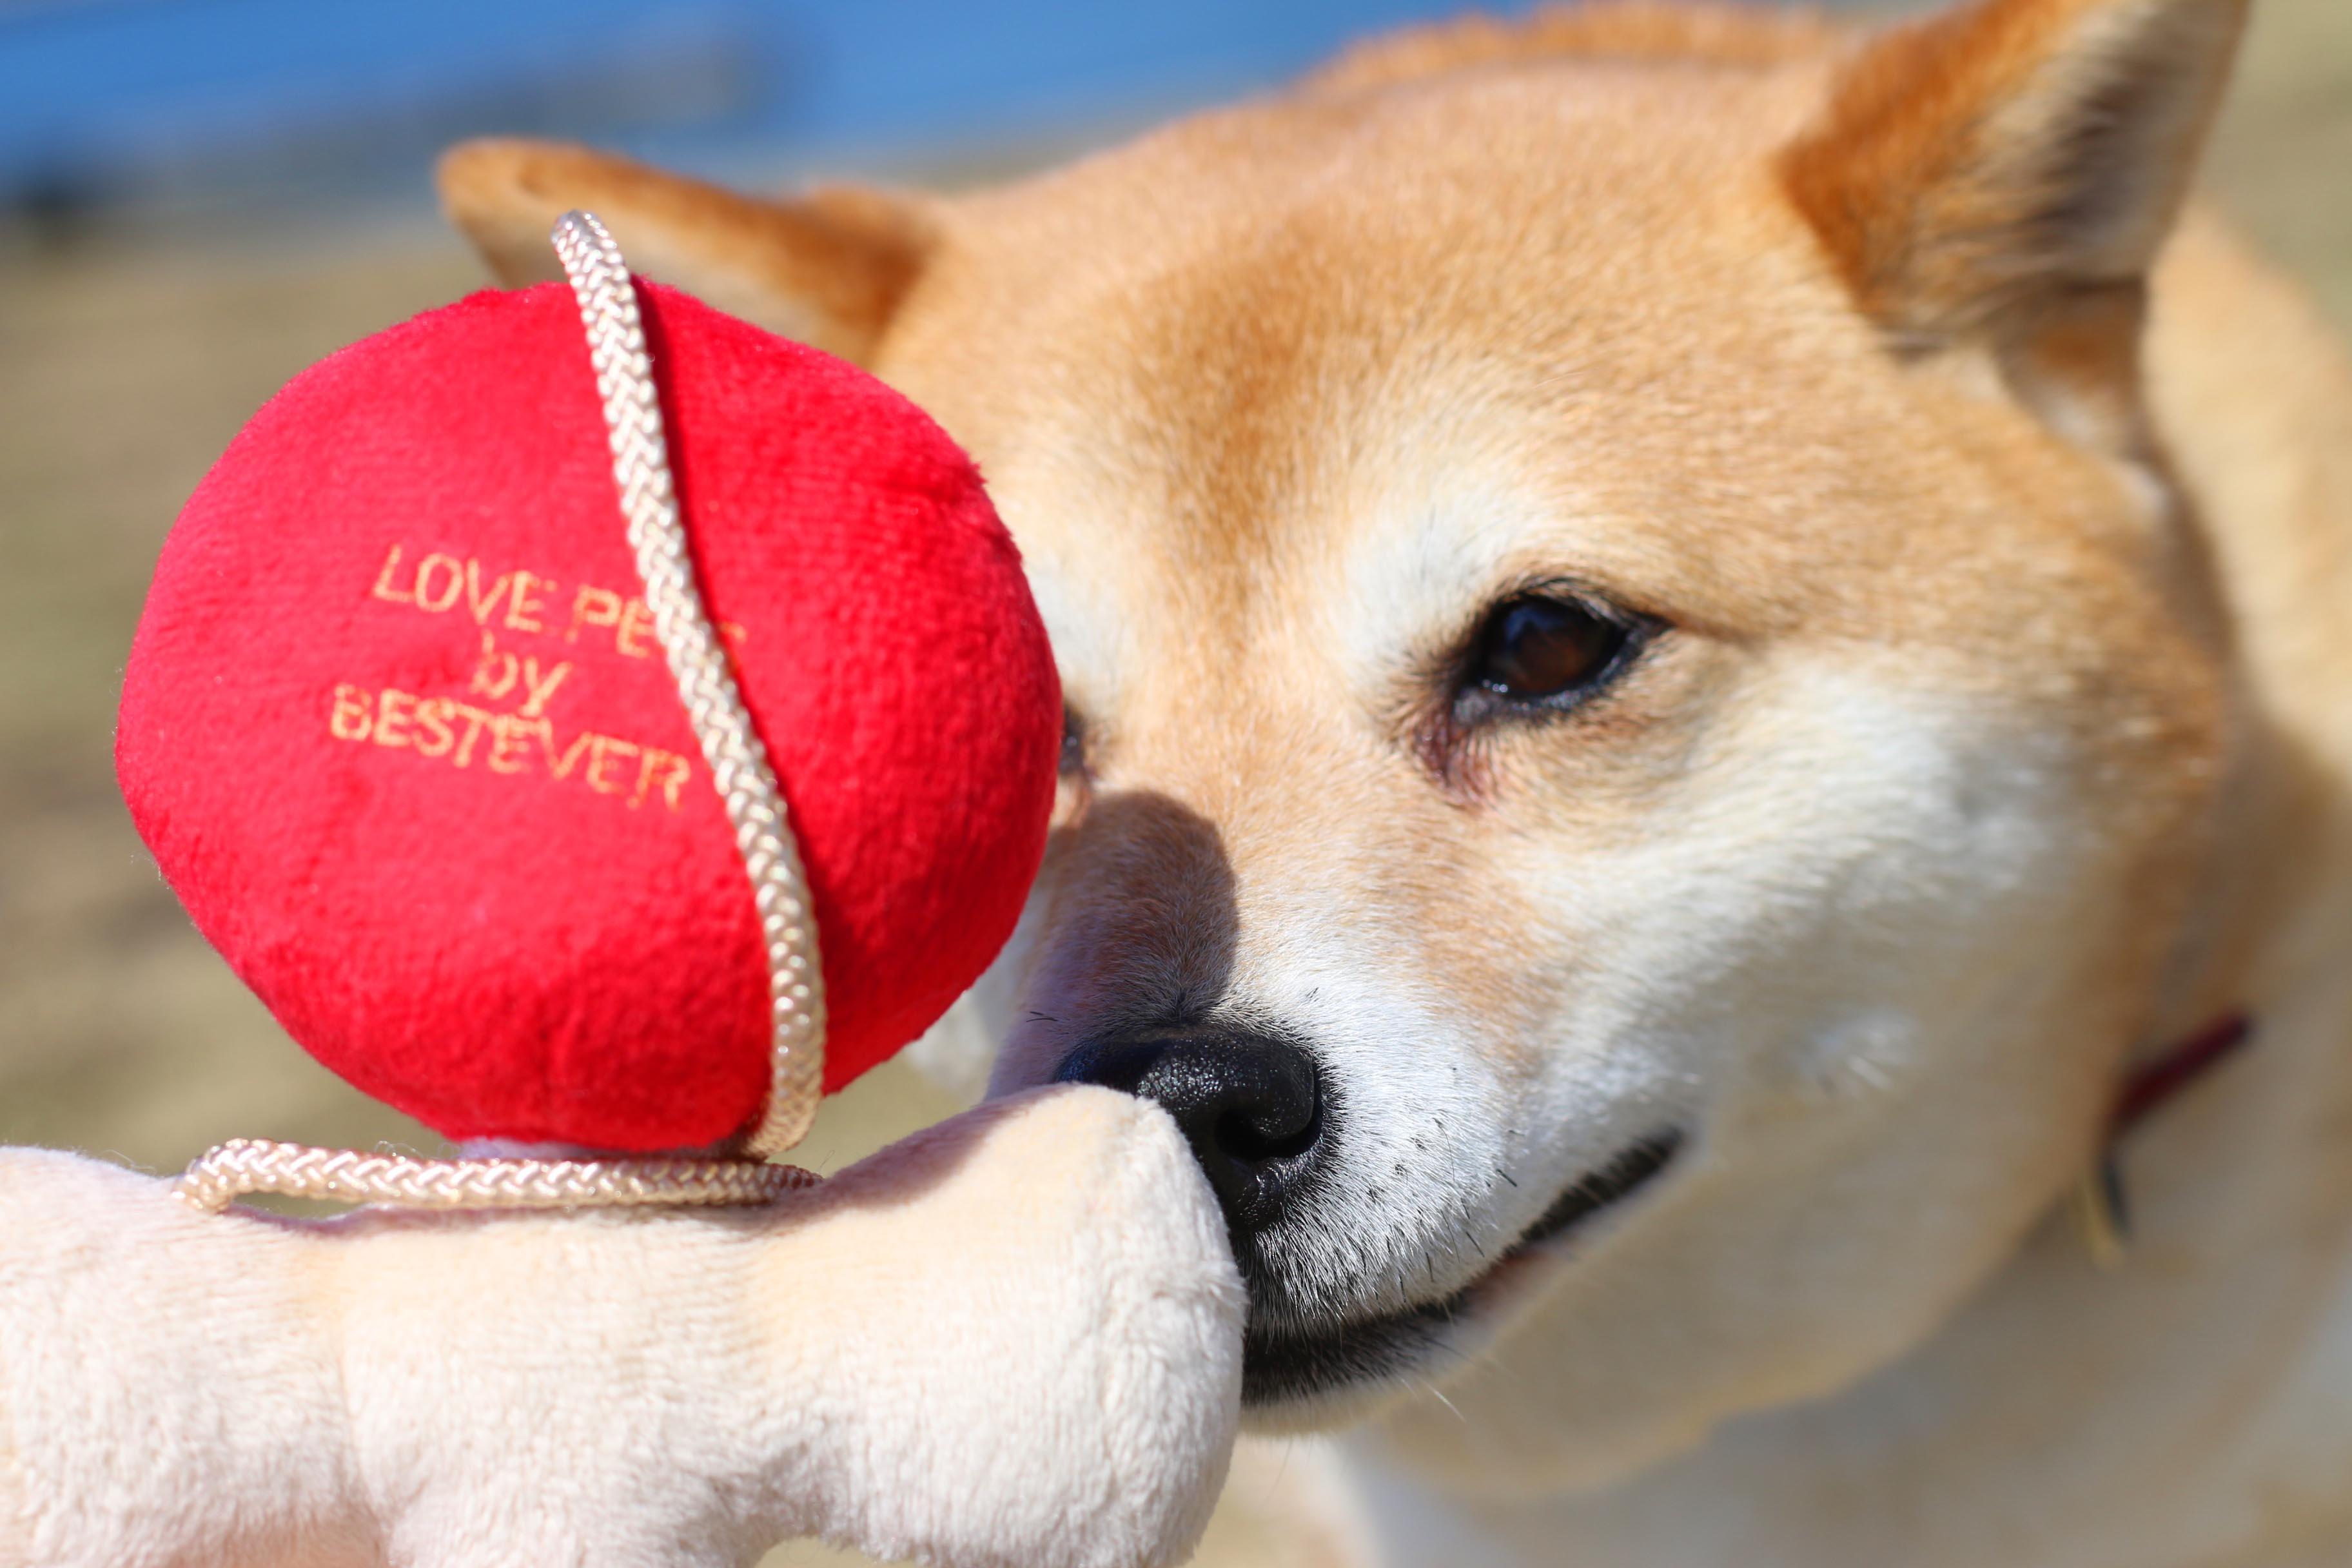 【大人気】犬 おもちゃ ペットトイ 音が鳴る 遊ぶ ストレス解消【 LOVE PETS by BESTEVER ラブペッツ バイ ベストエバー 】けん玉 剣玉